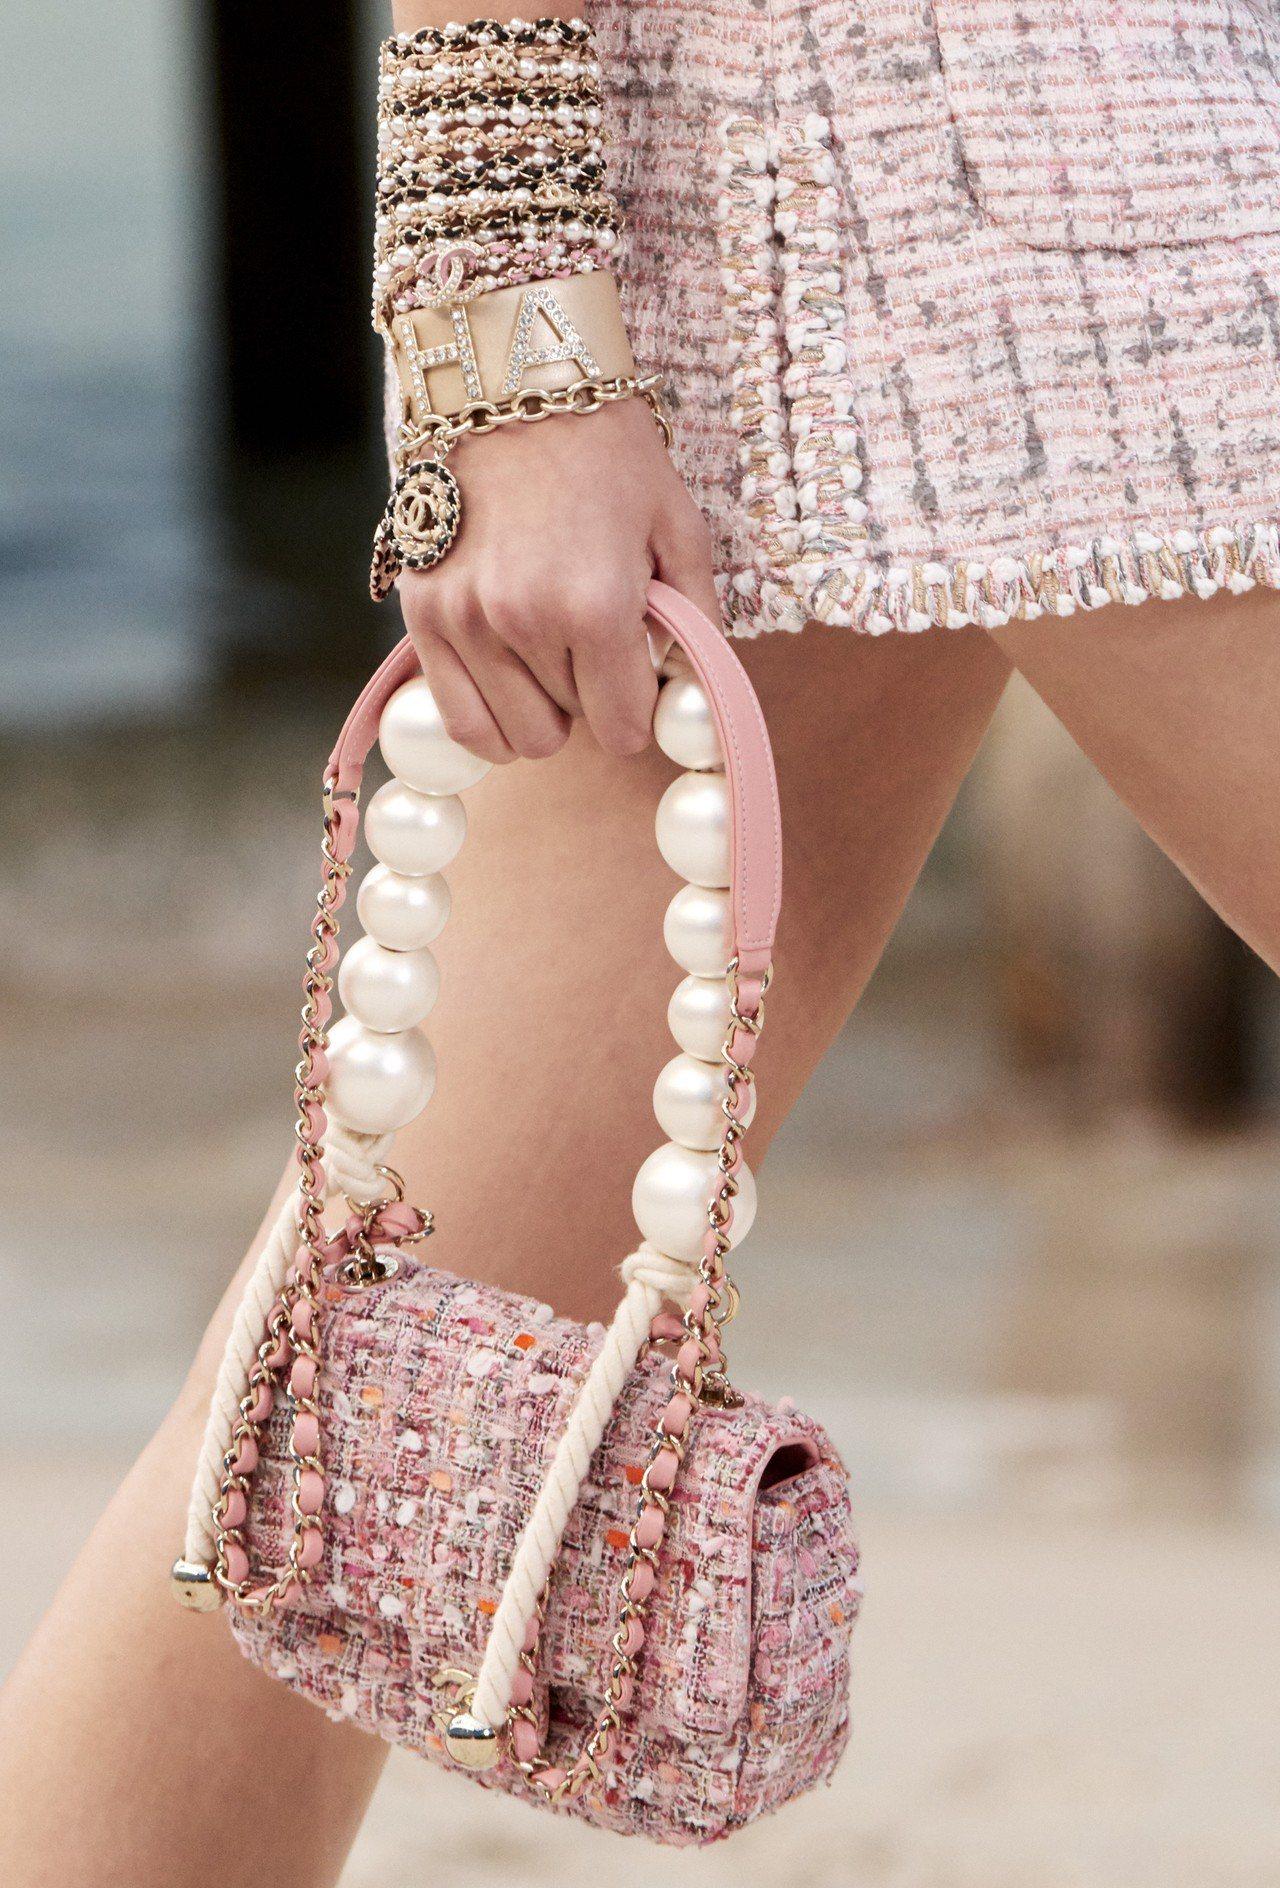 巨大珍珠化身斜紋軟呢鍊帶包的提把。圖/香奈兒提供